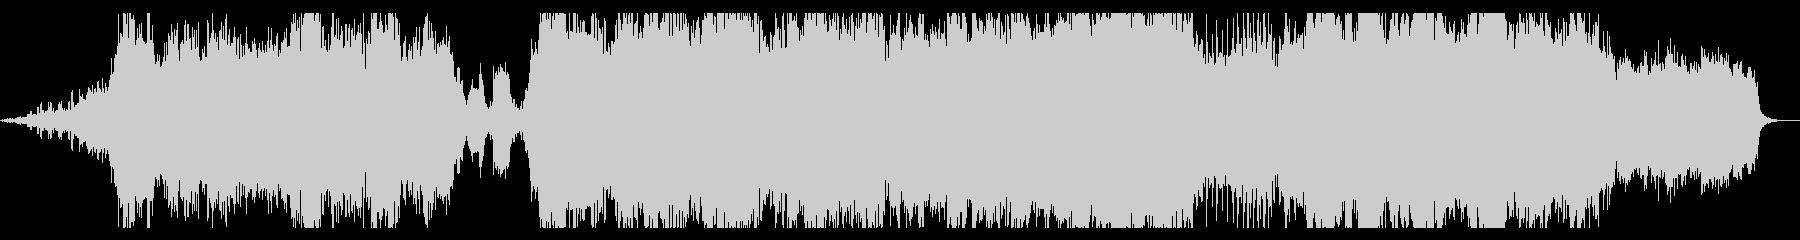 ダークファンタジーなBGM コーラス抜きの未再生の波形